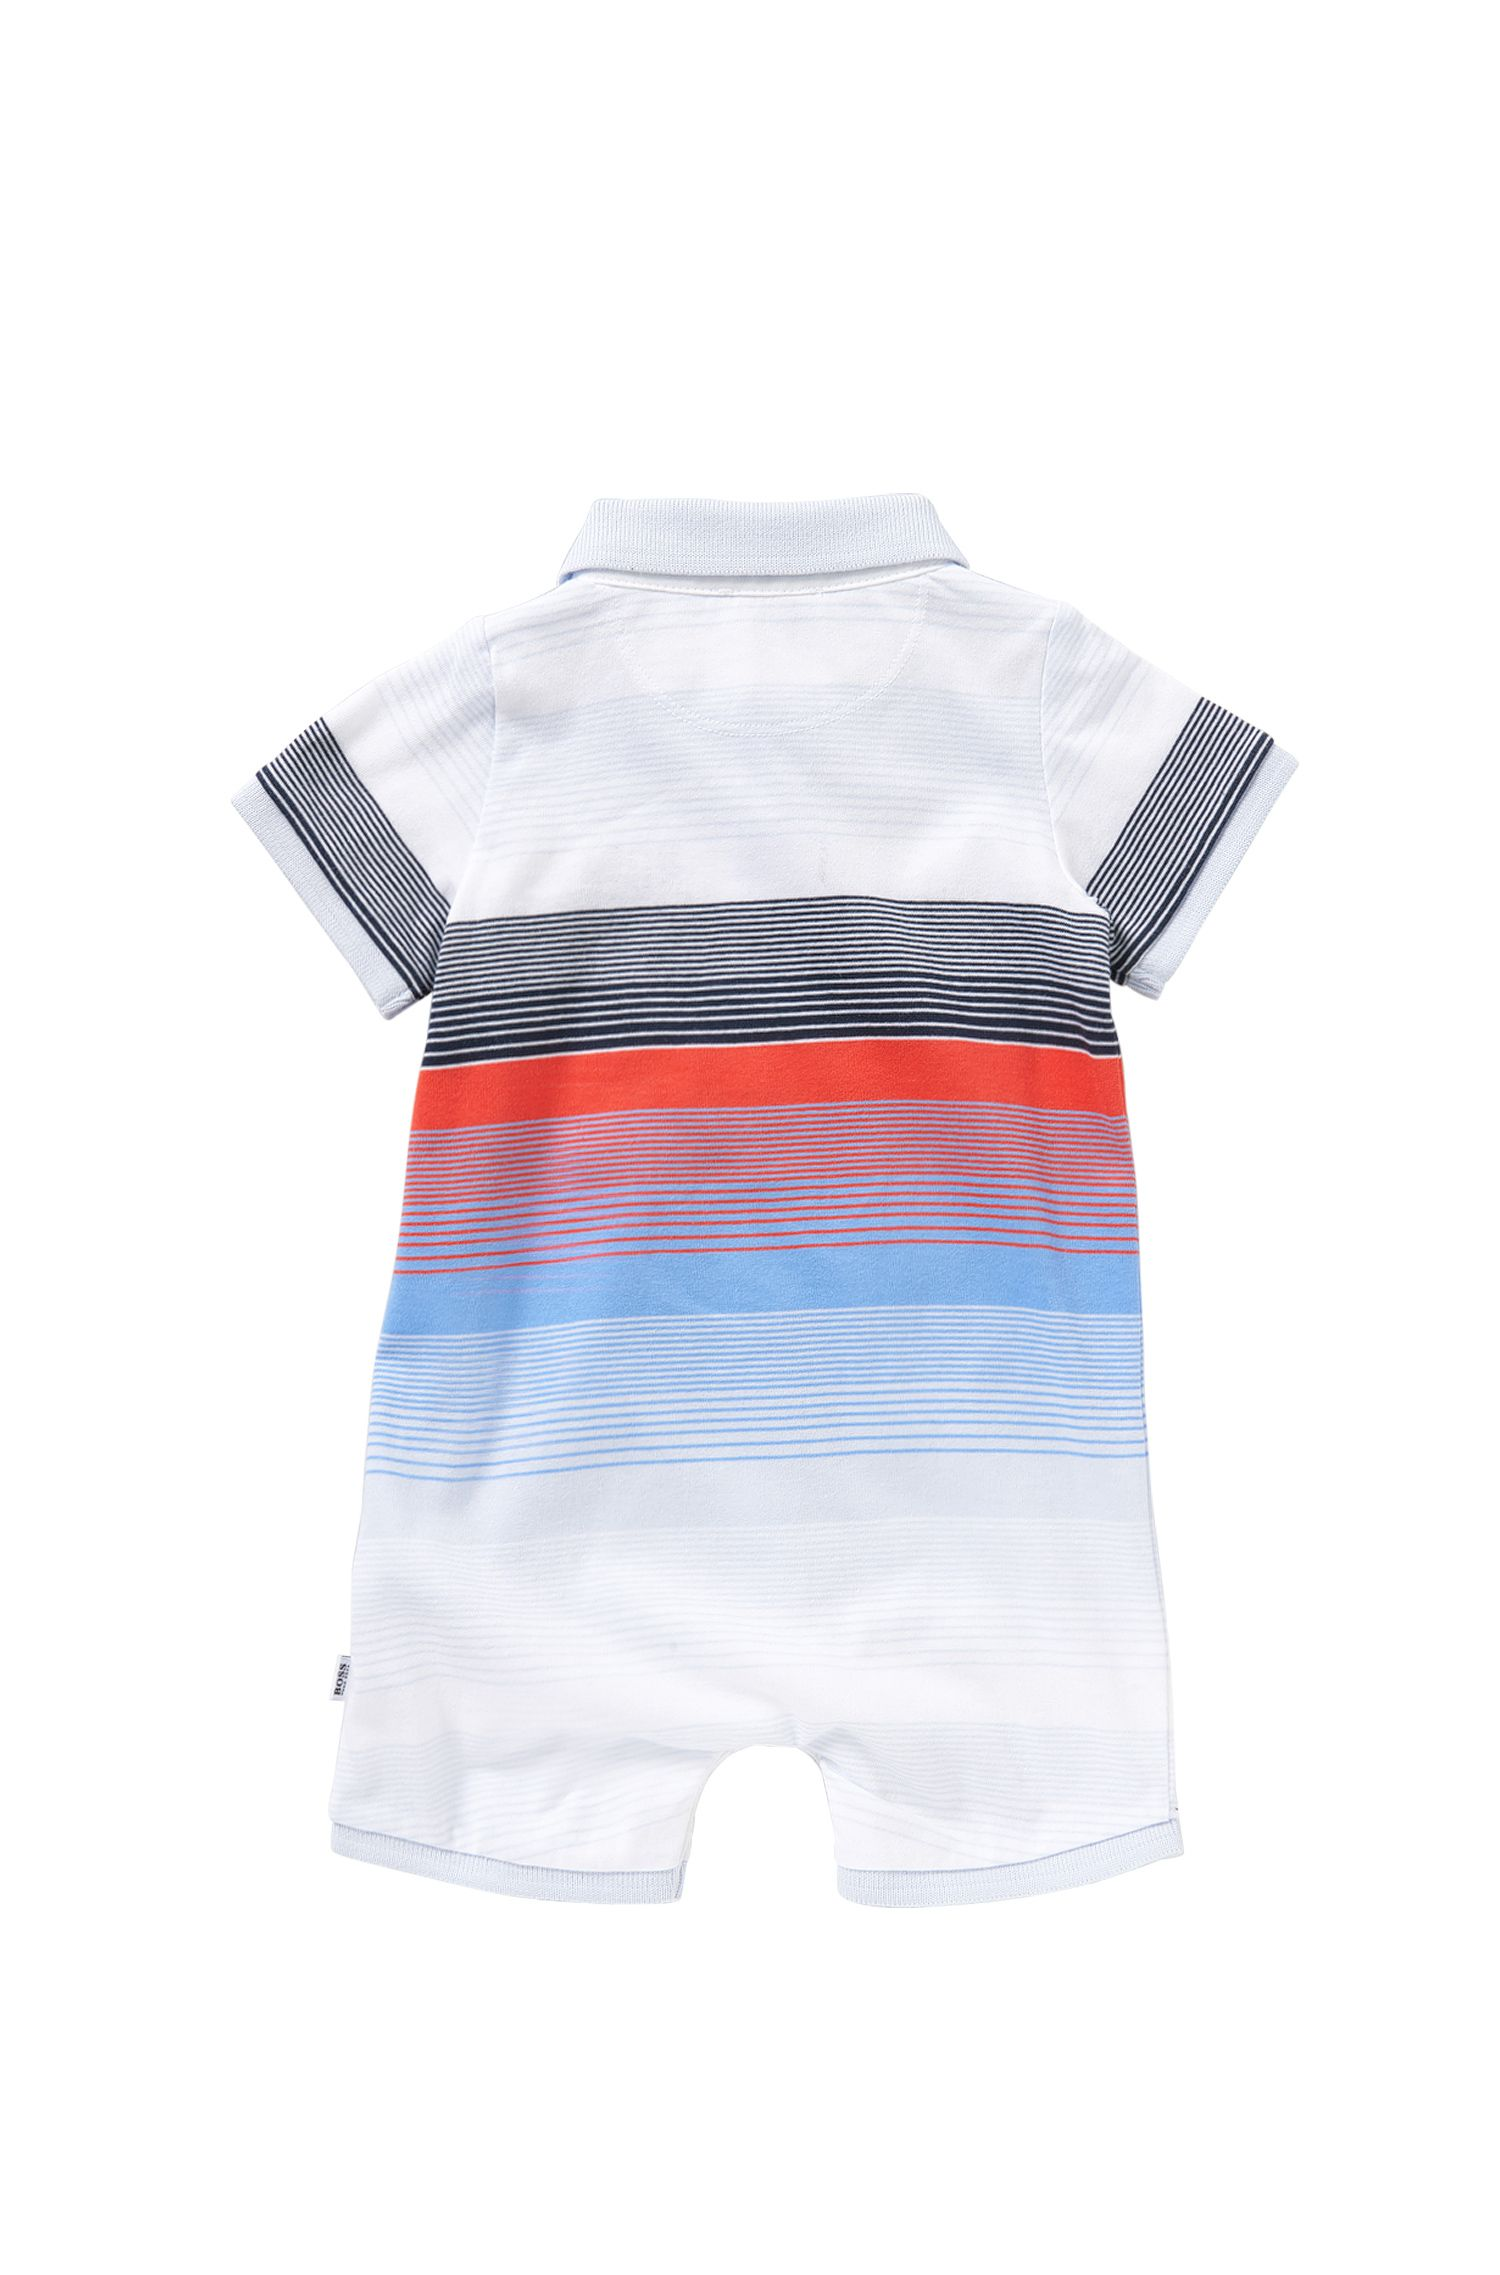 'J94159' | Newborn Cotton Striped Polo Onesie